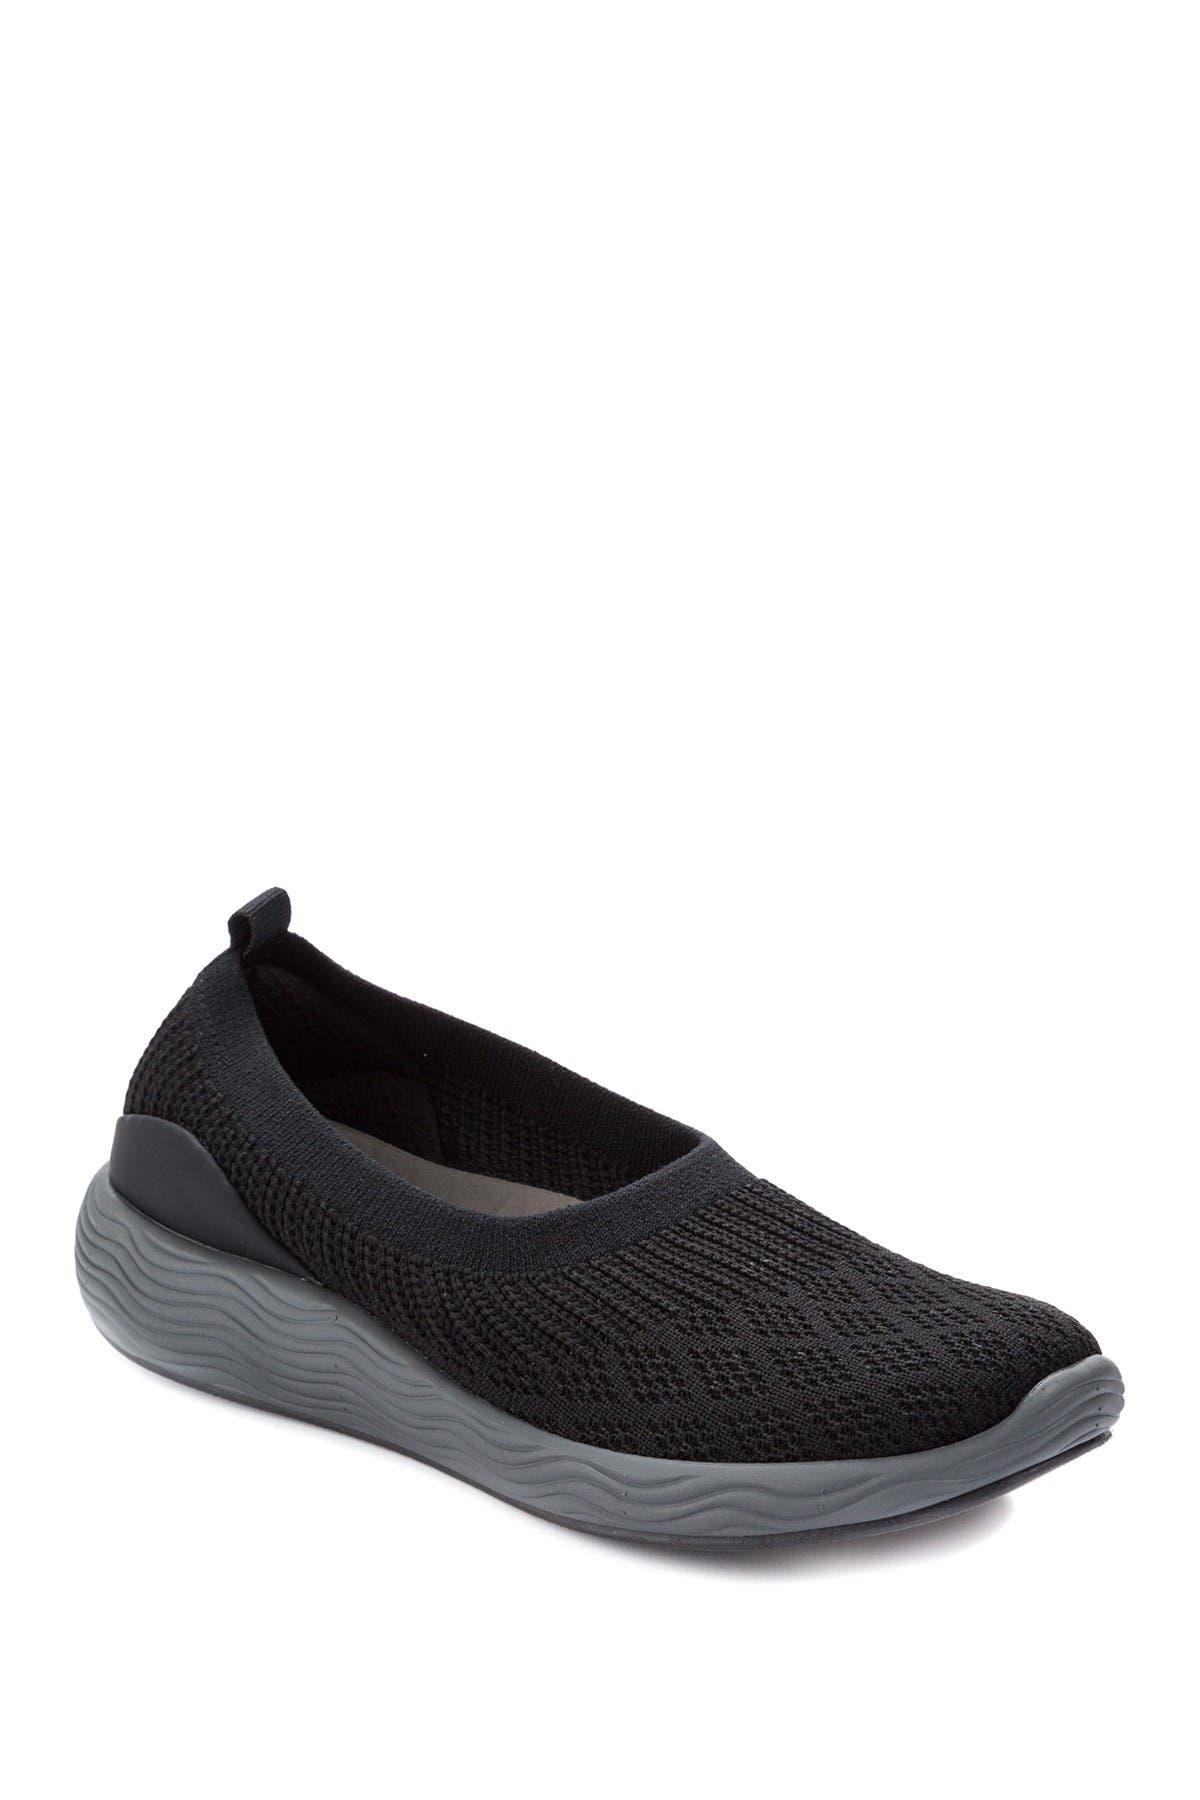 Image of BareTraps Leila Slip-On Sneaker